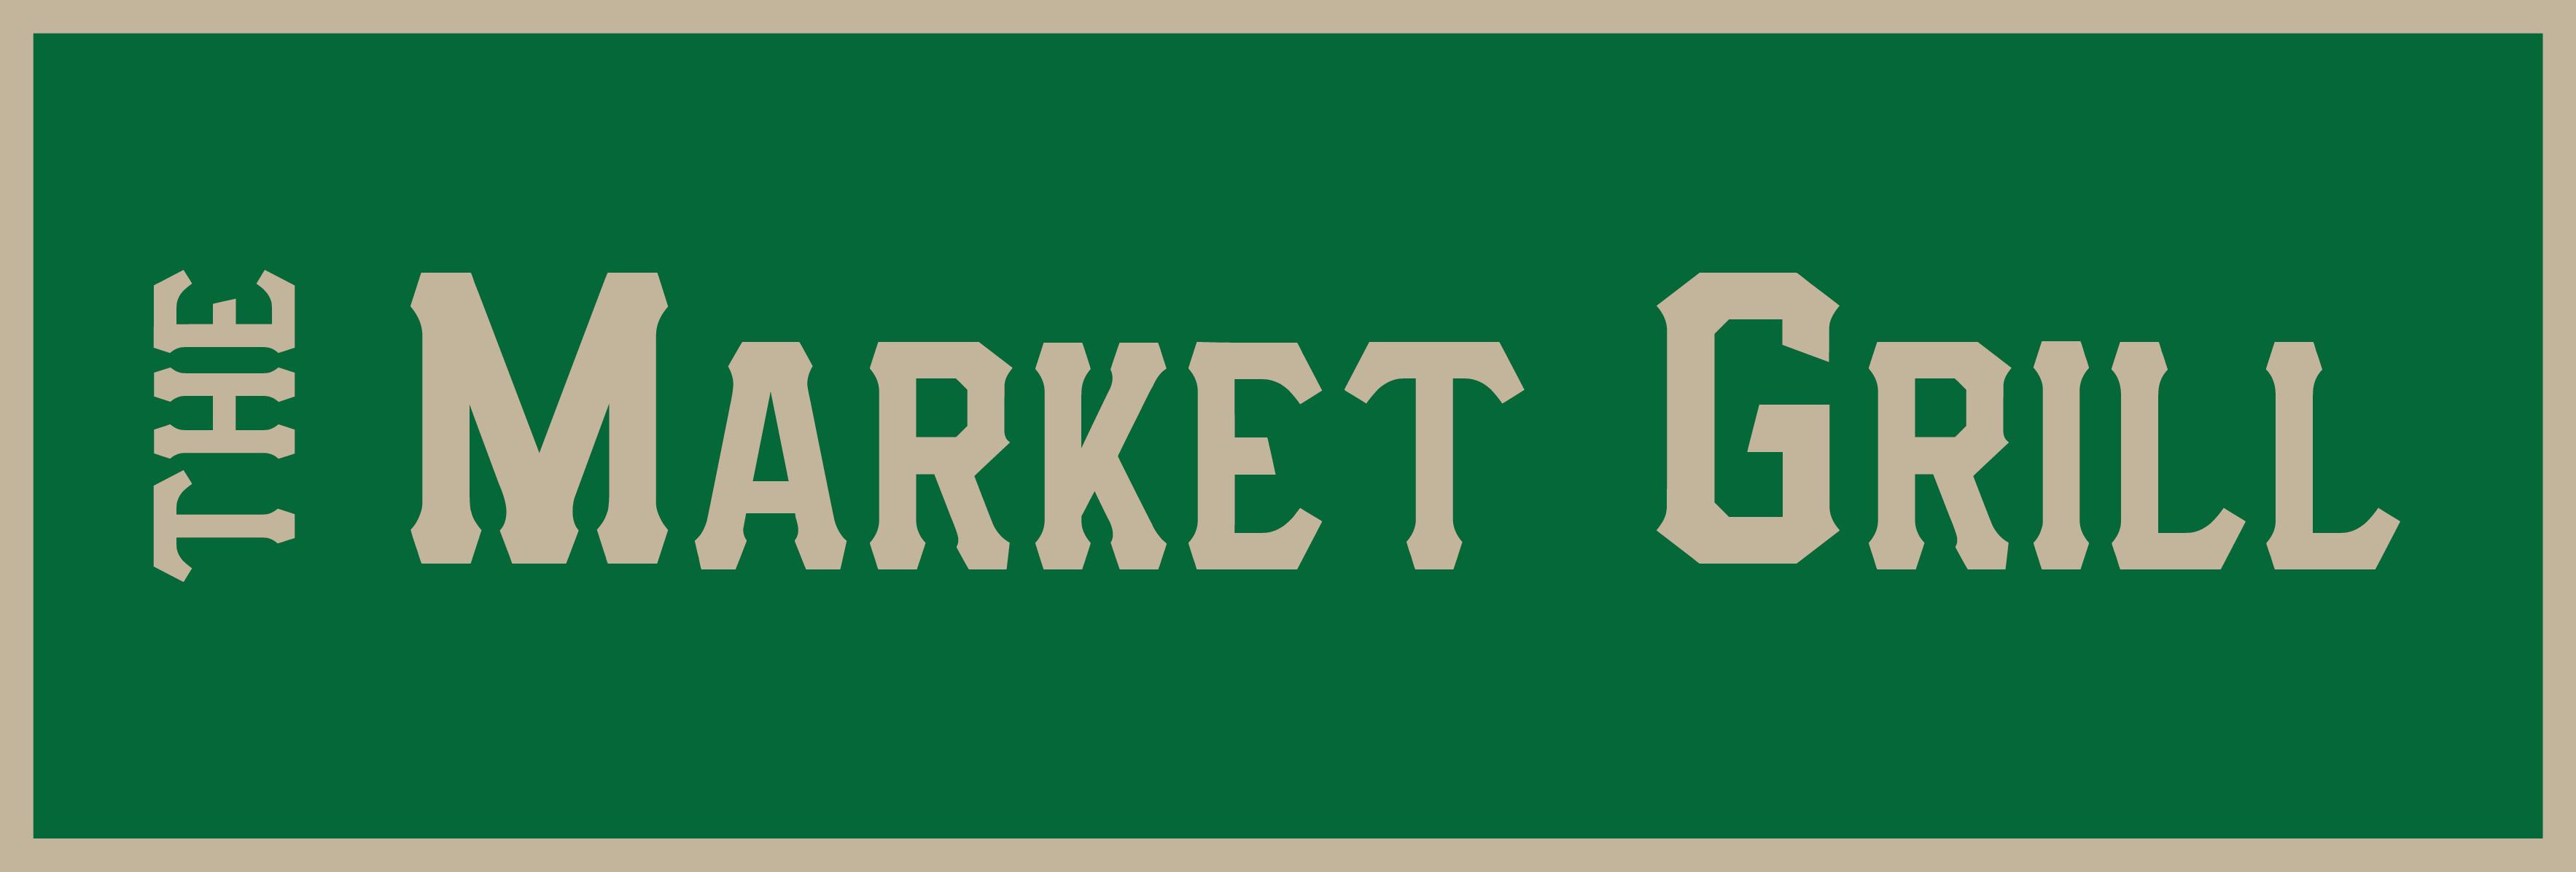 Market Grill Menu